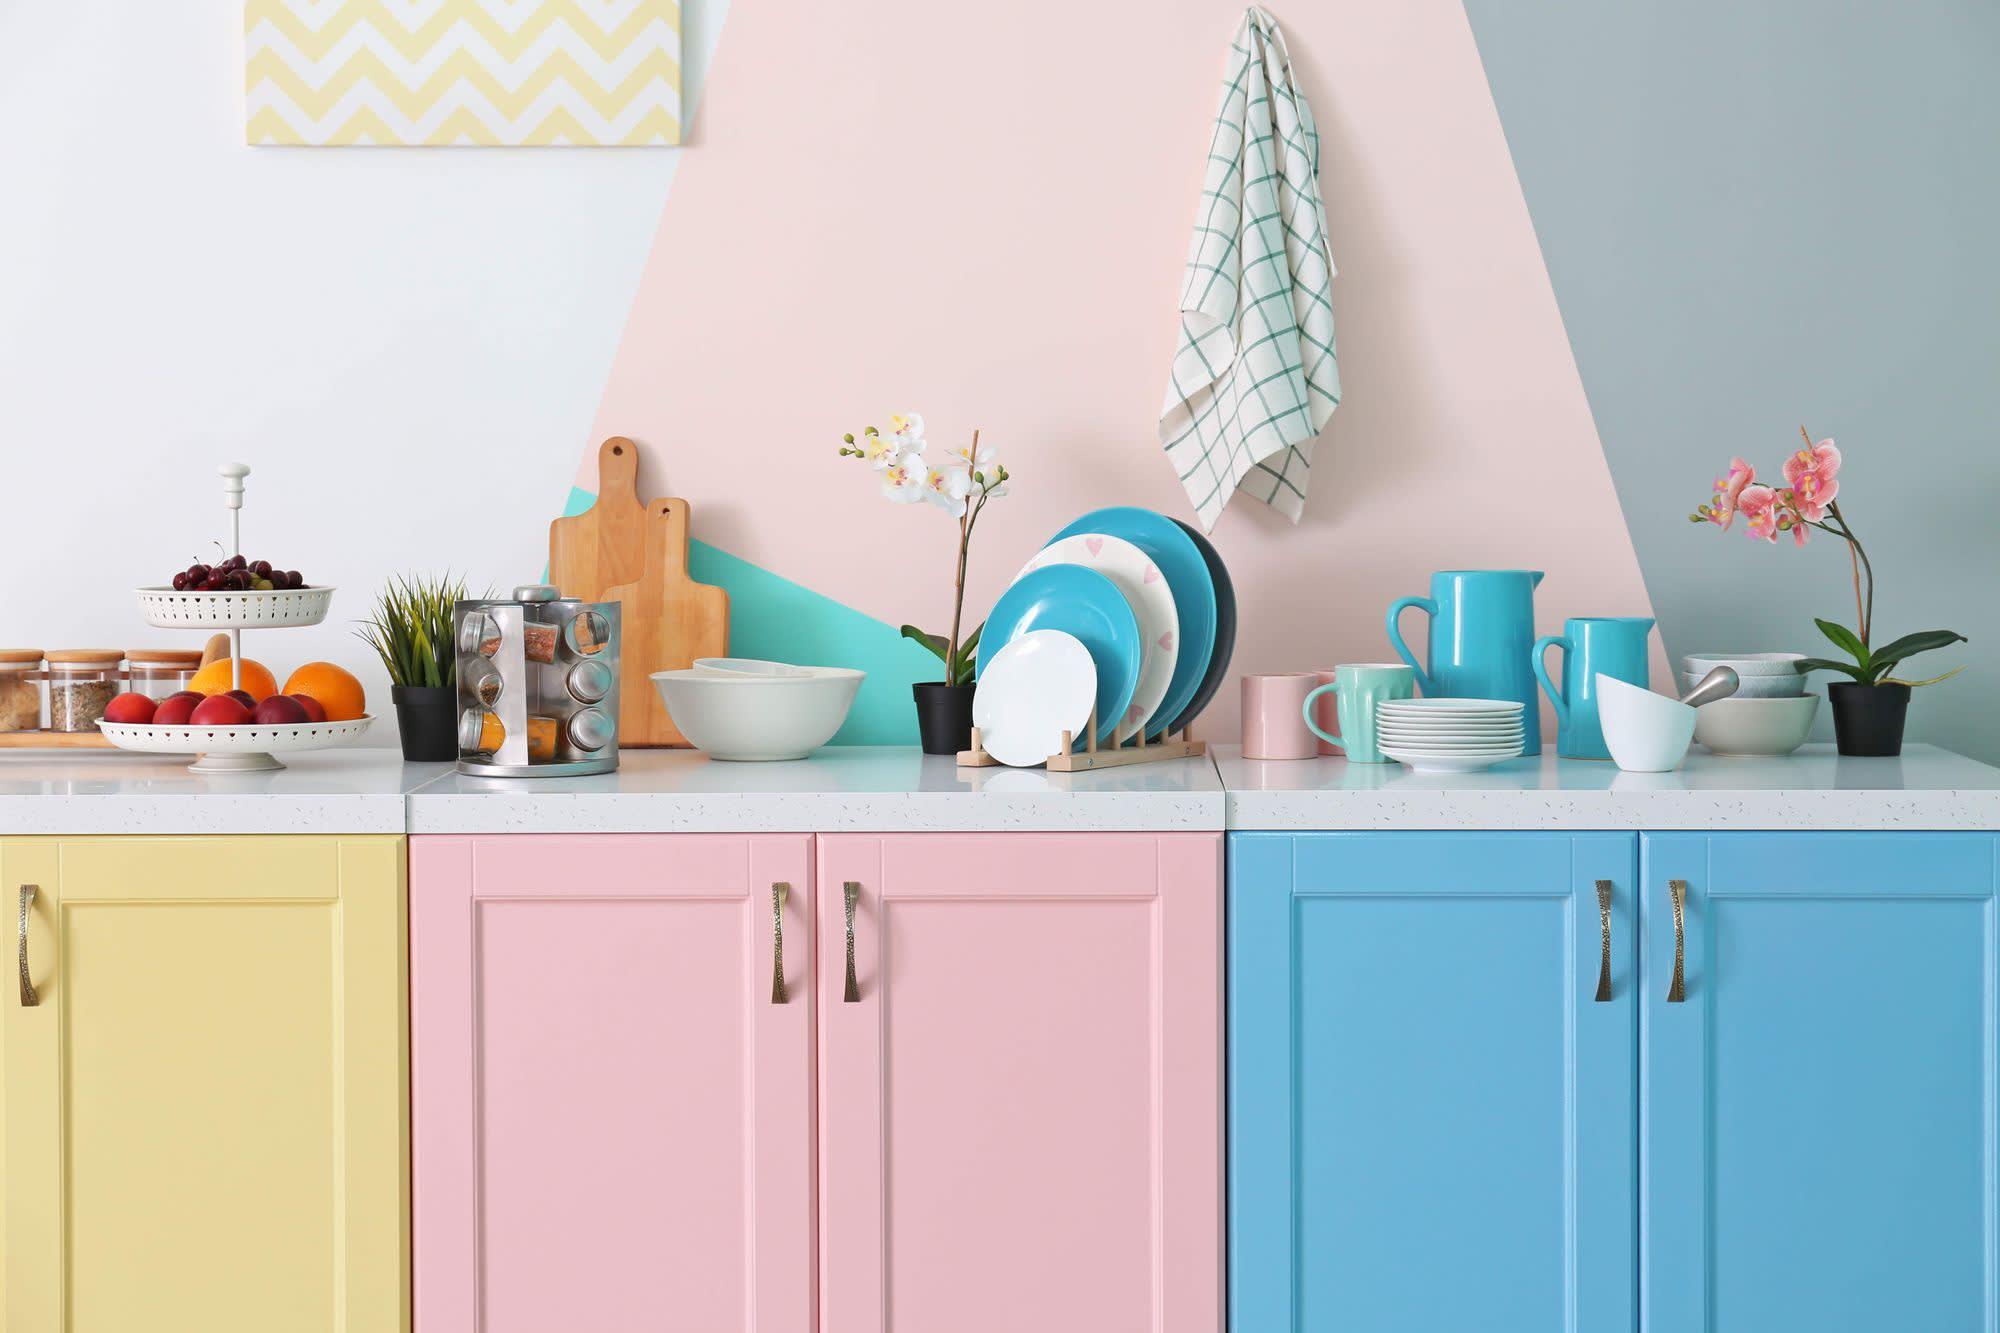 verf keuken schilderen pastel